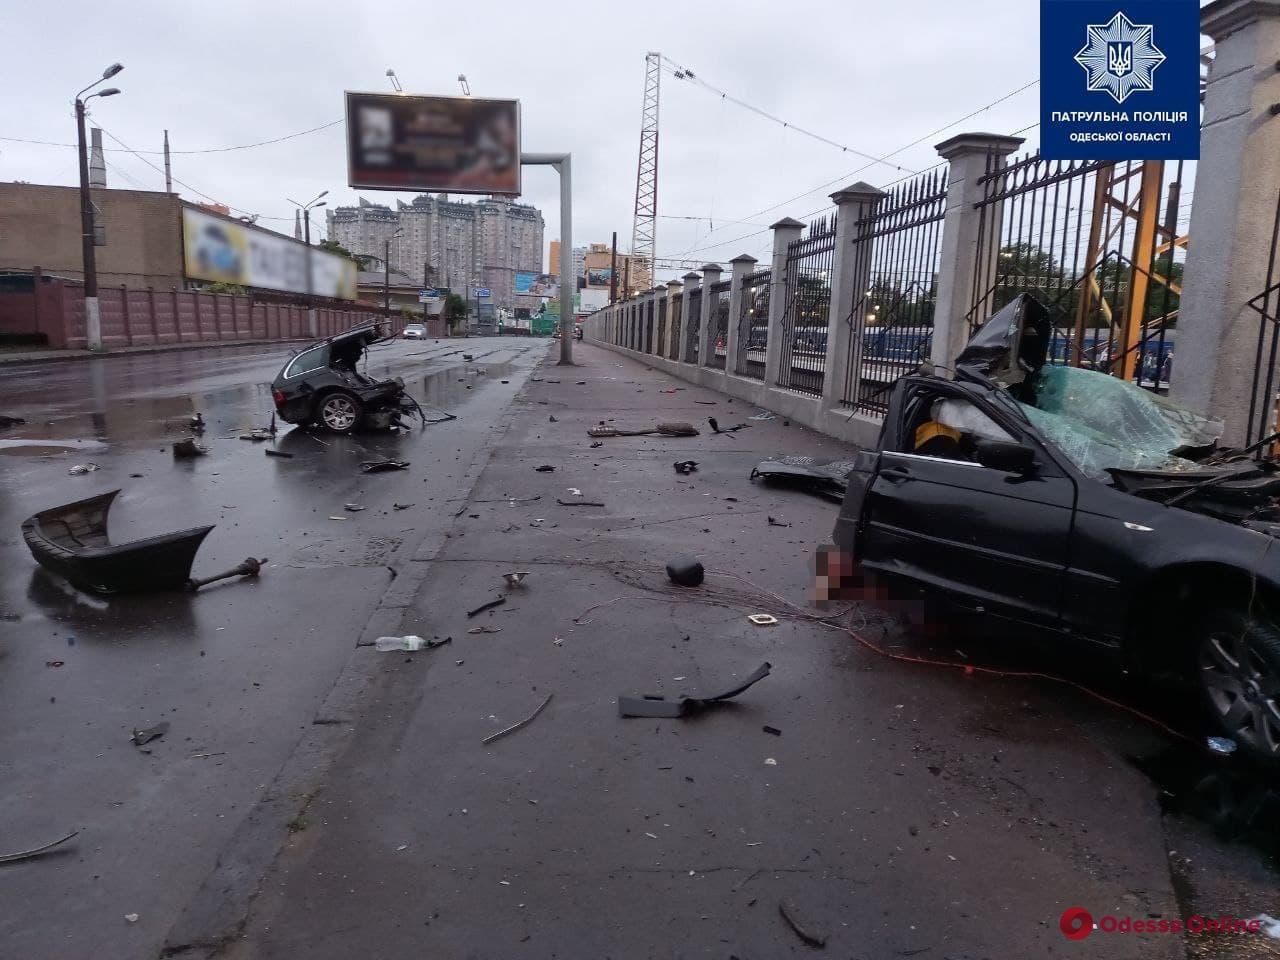 VIDEO. Momentul în care un BMW lovește un stâlp și se rupe în două. Două persoane au murit